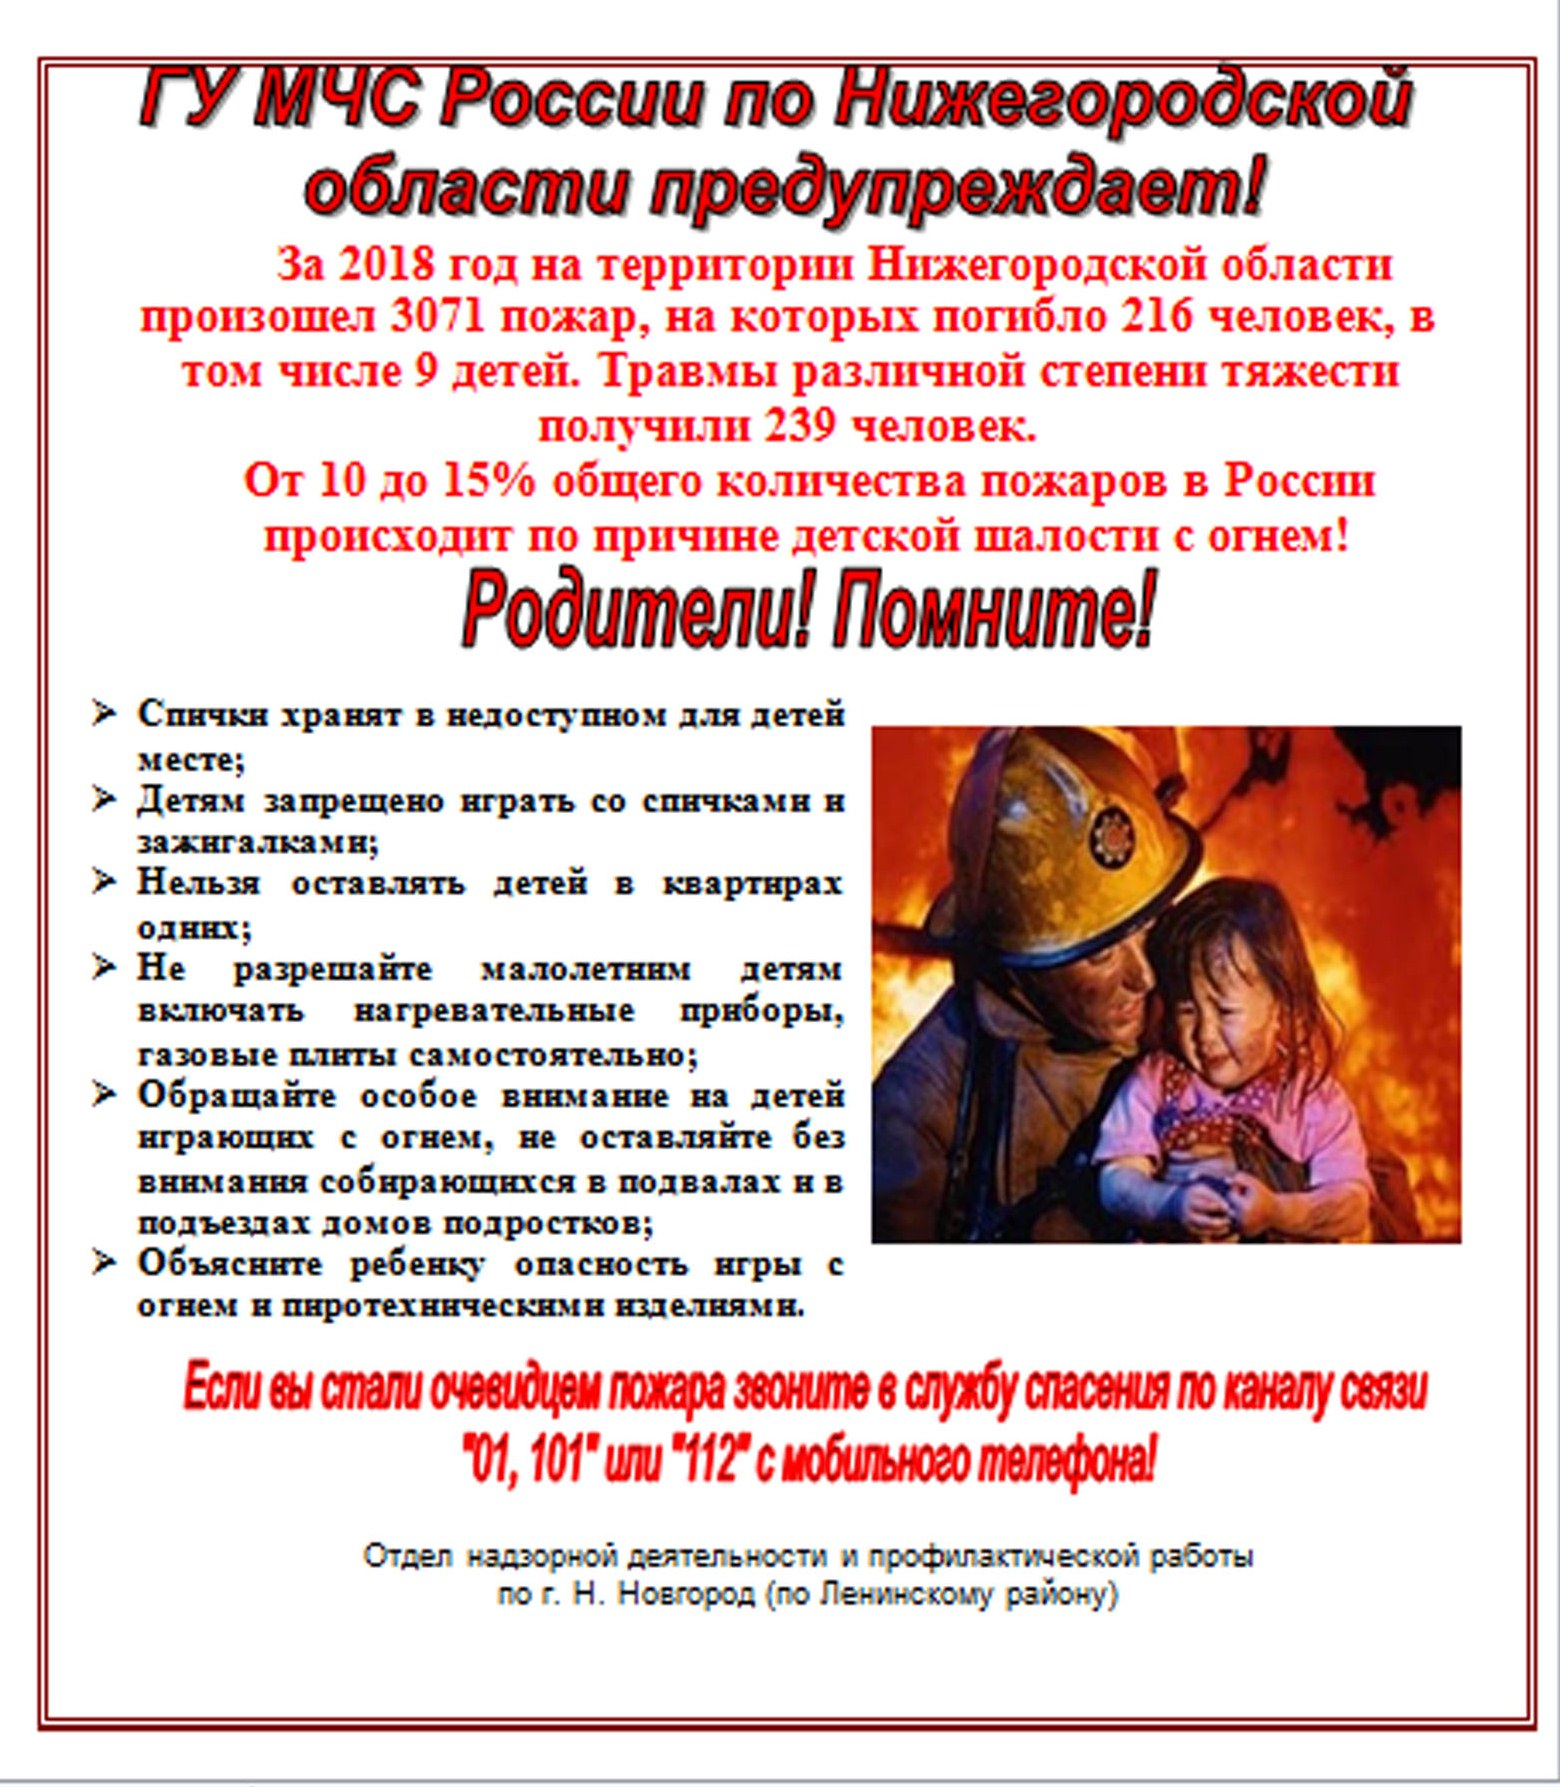 http://cdt-leninskii.ucoz.net/bez_imeni-1.jpg